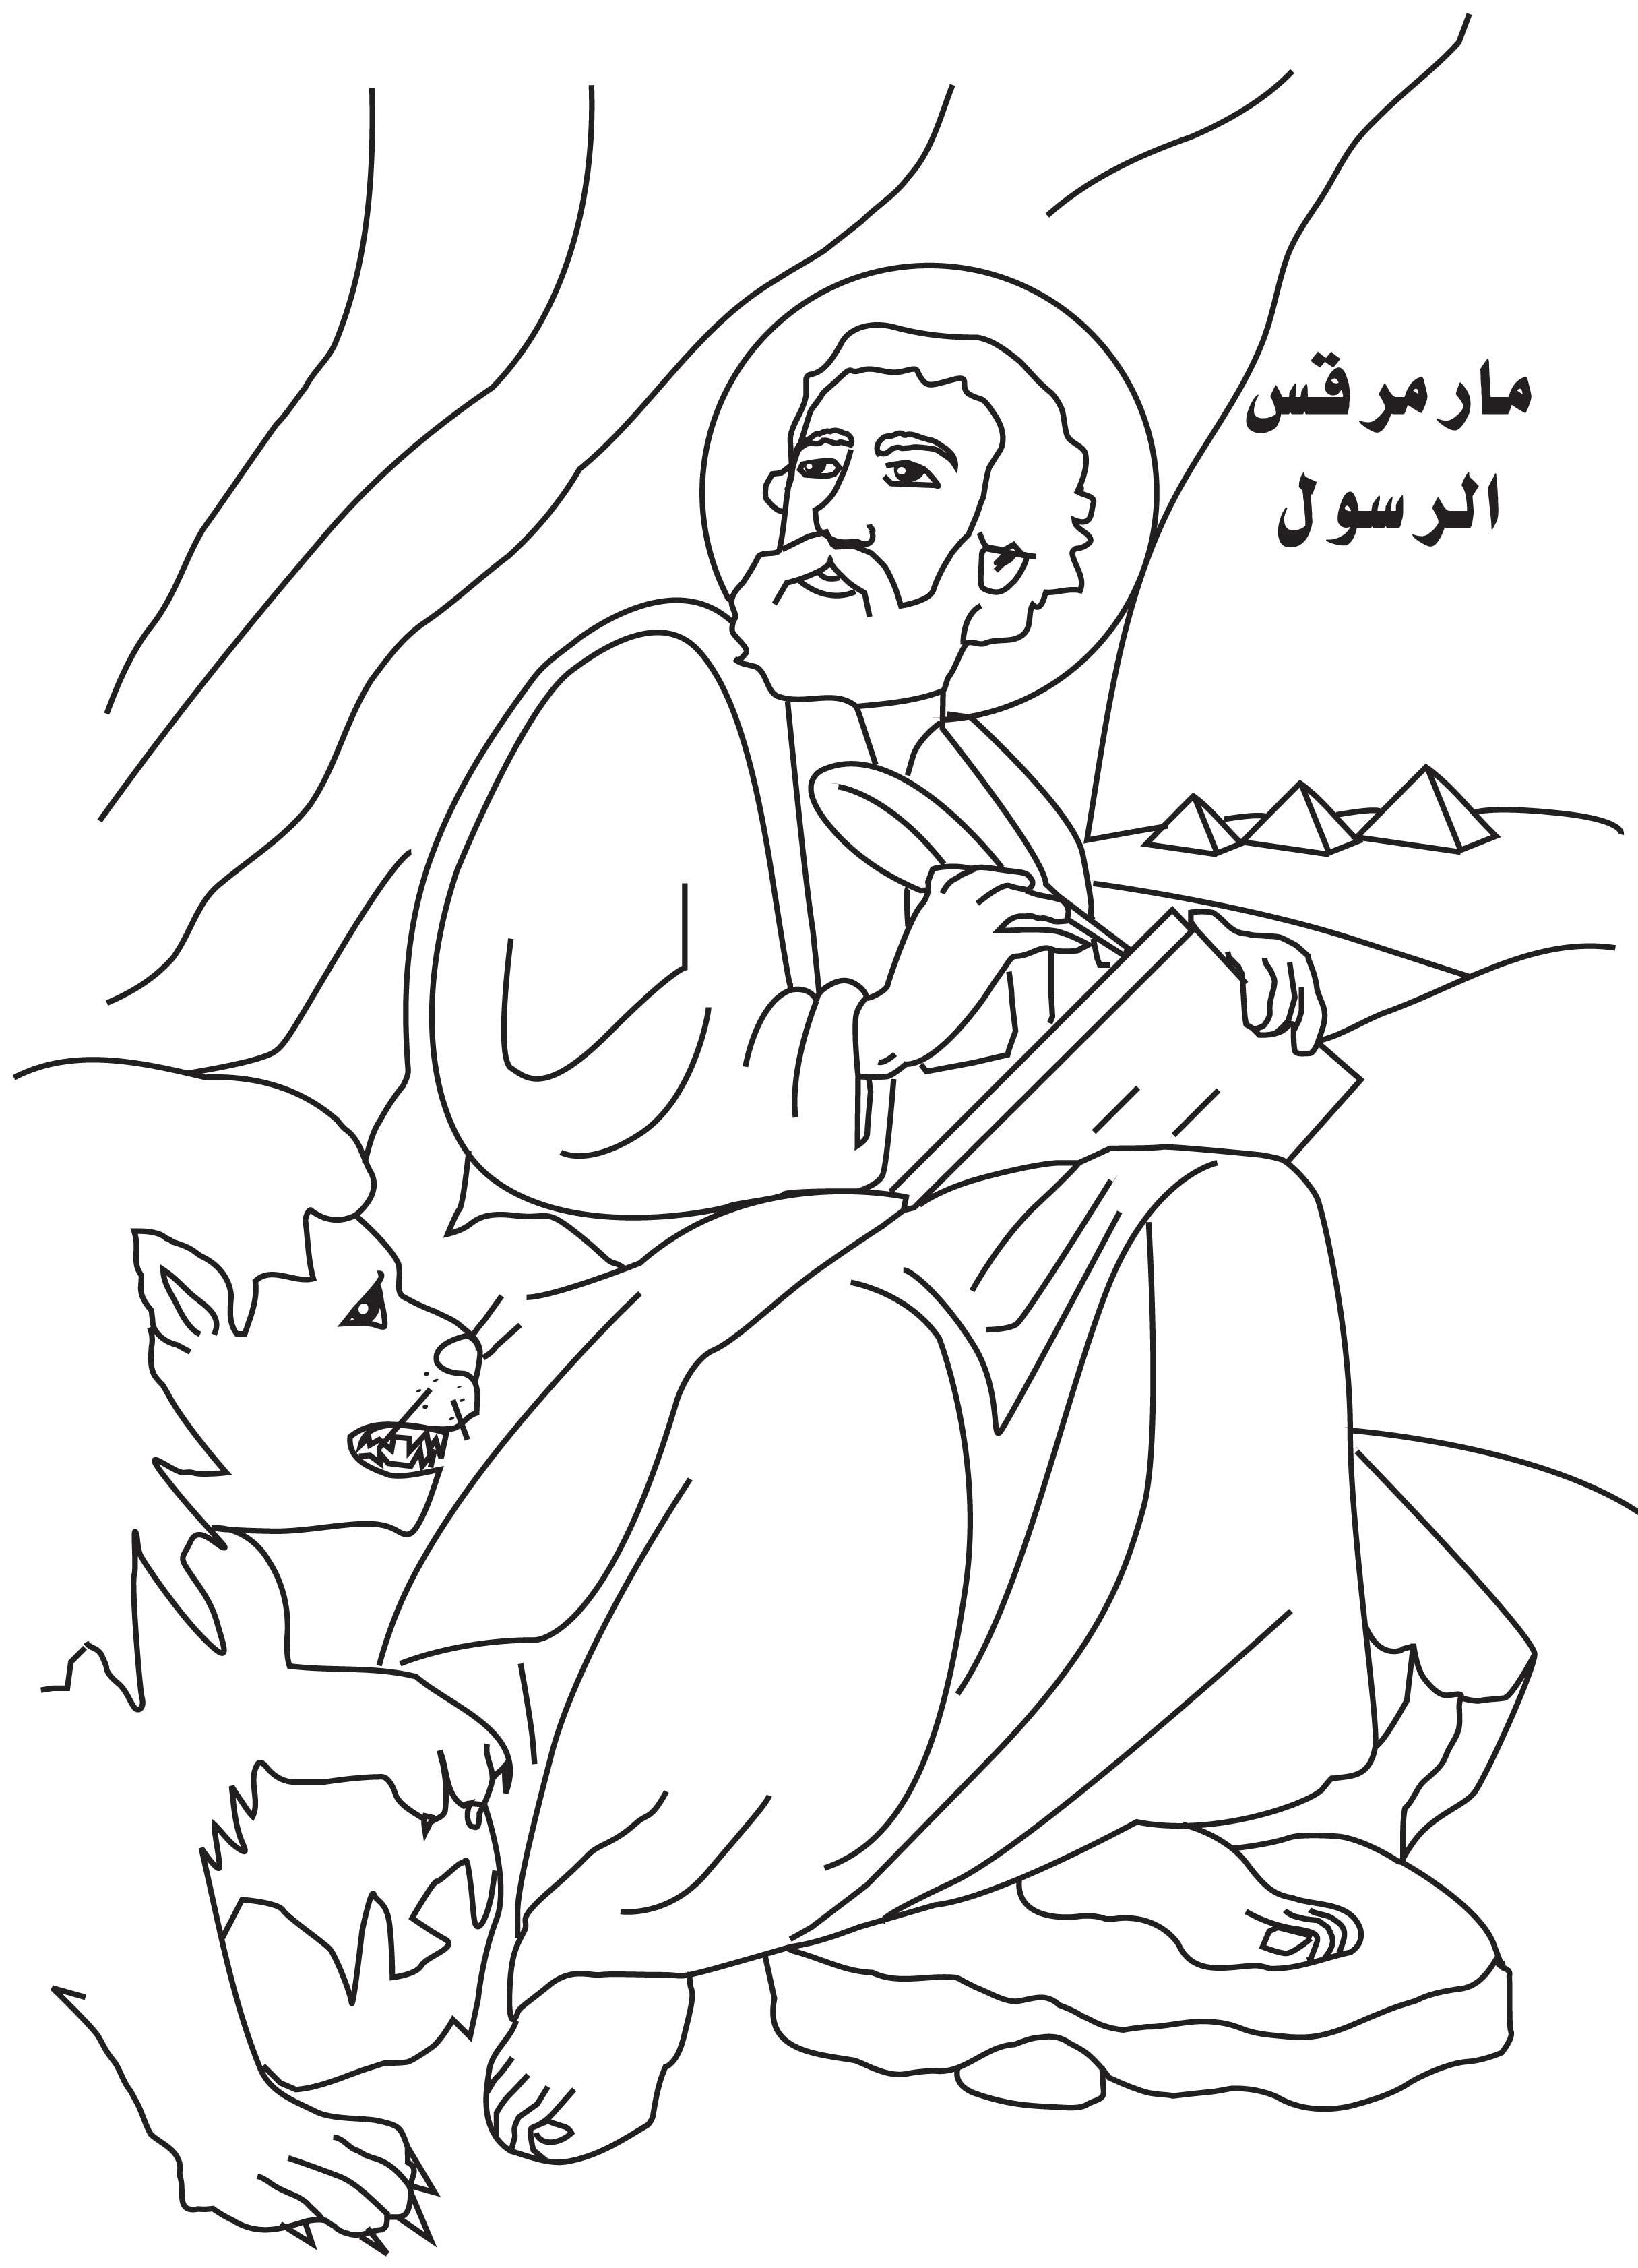 صور تلوين للشهيد العظيم مار مرقس الرسول كاروز الديار المصريه